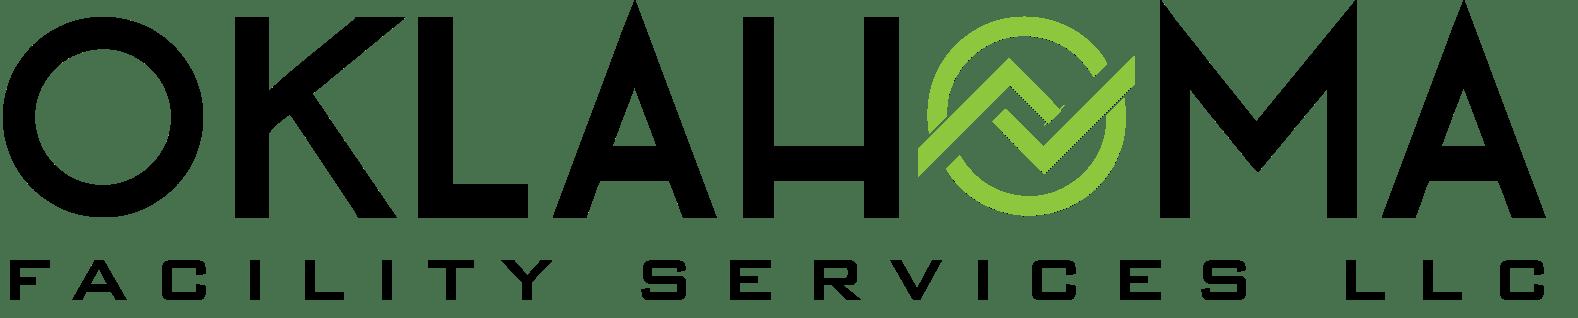 Oklahoma Facility Services Logo